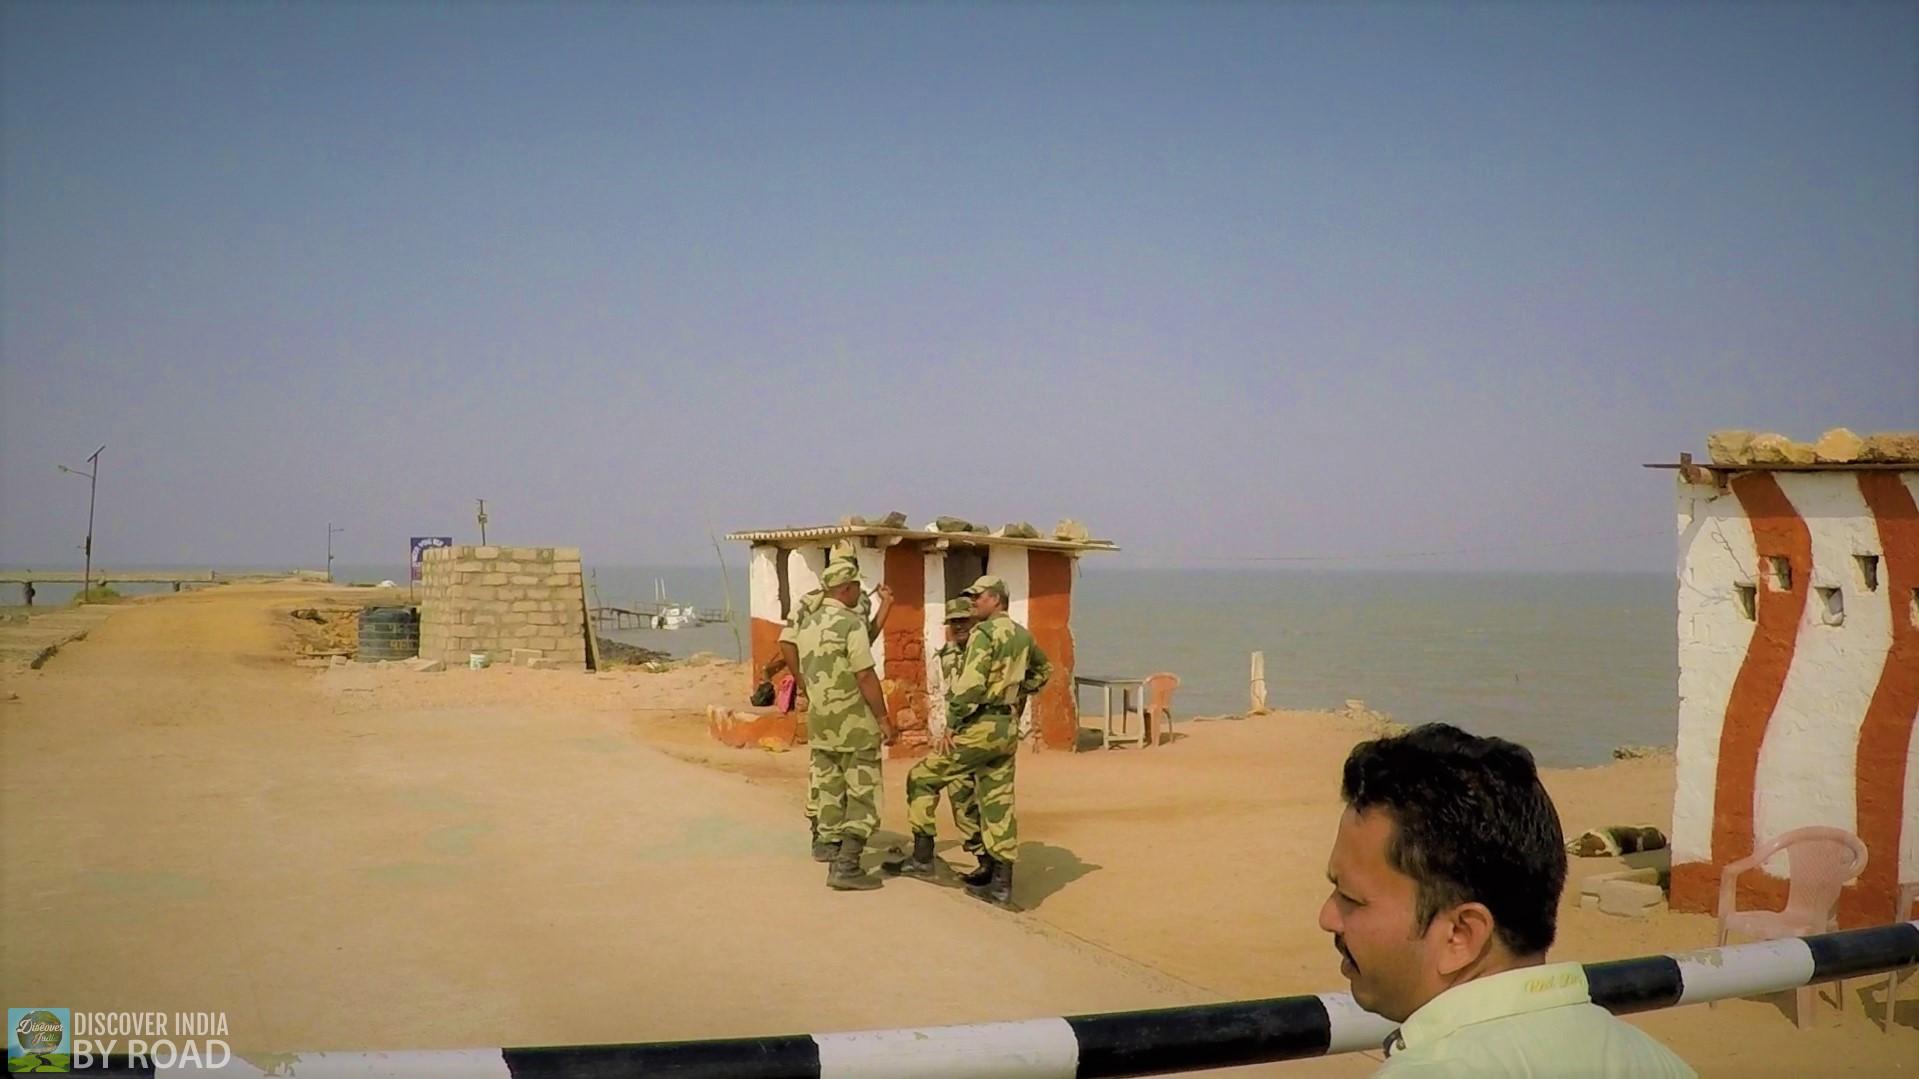 BSF Jawans on duty at Narayan Sarovar post